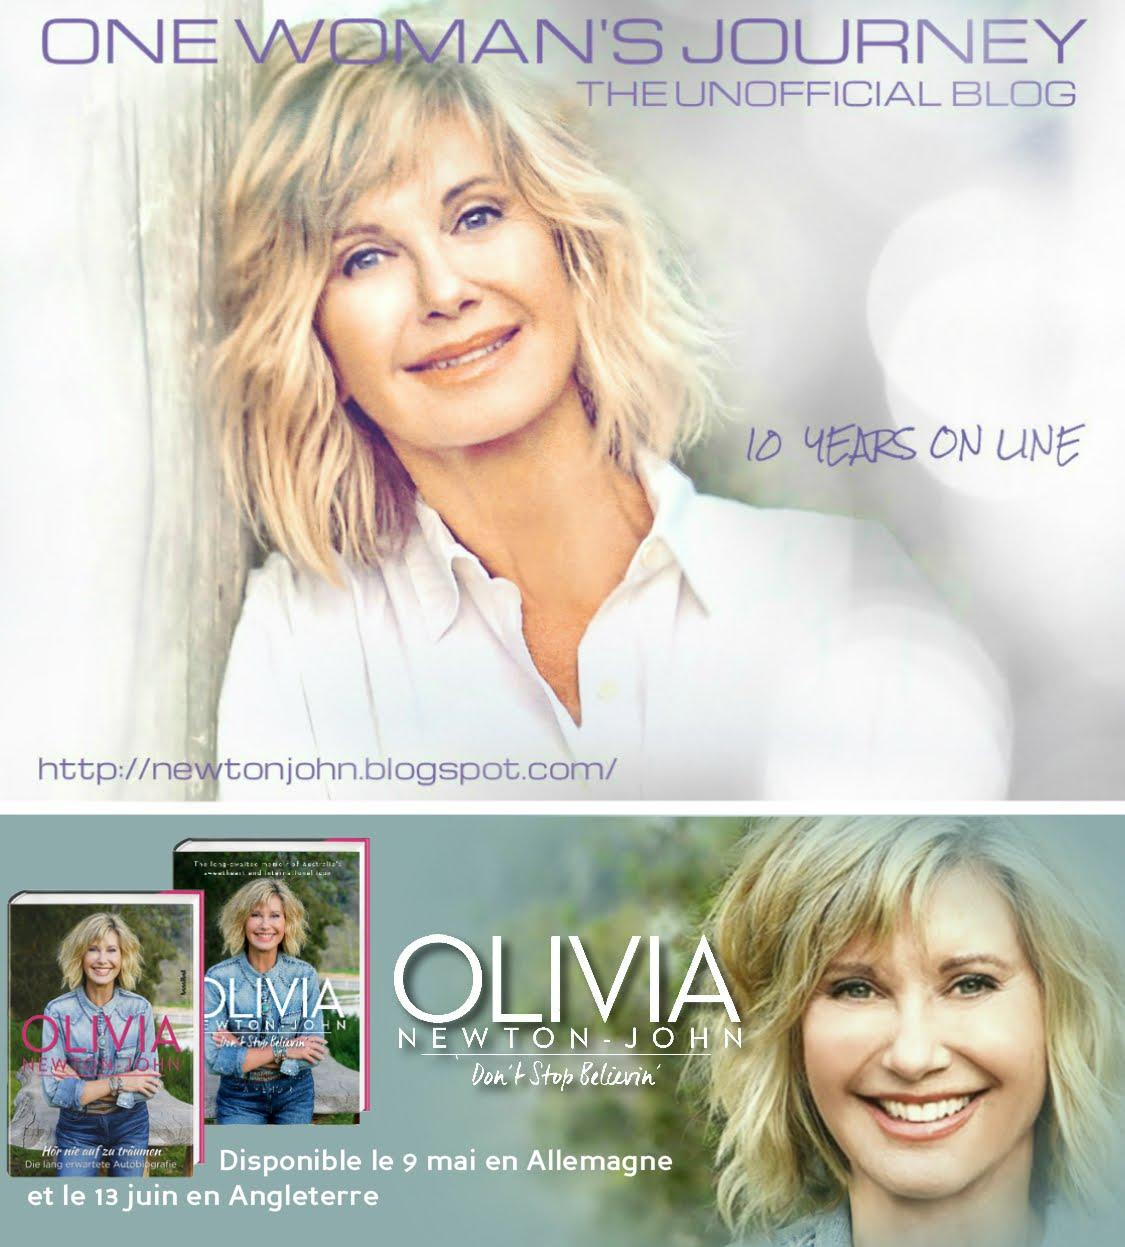 Olivia Newton-John, One Woman's Journey